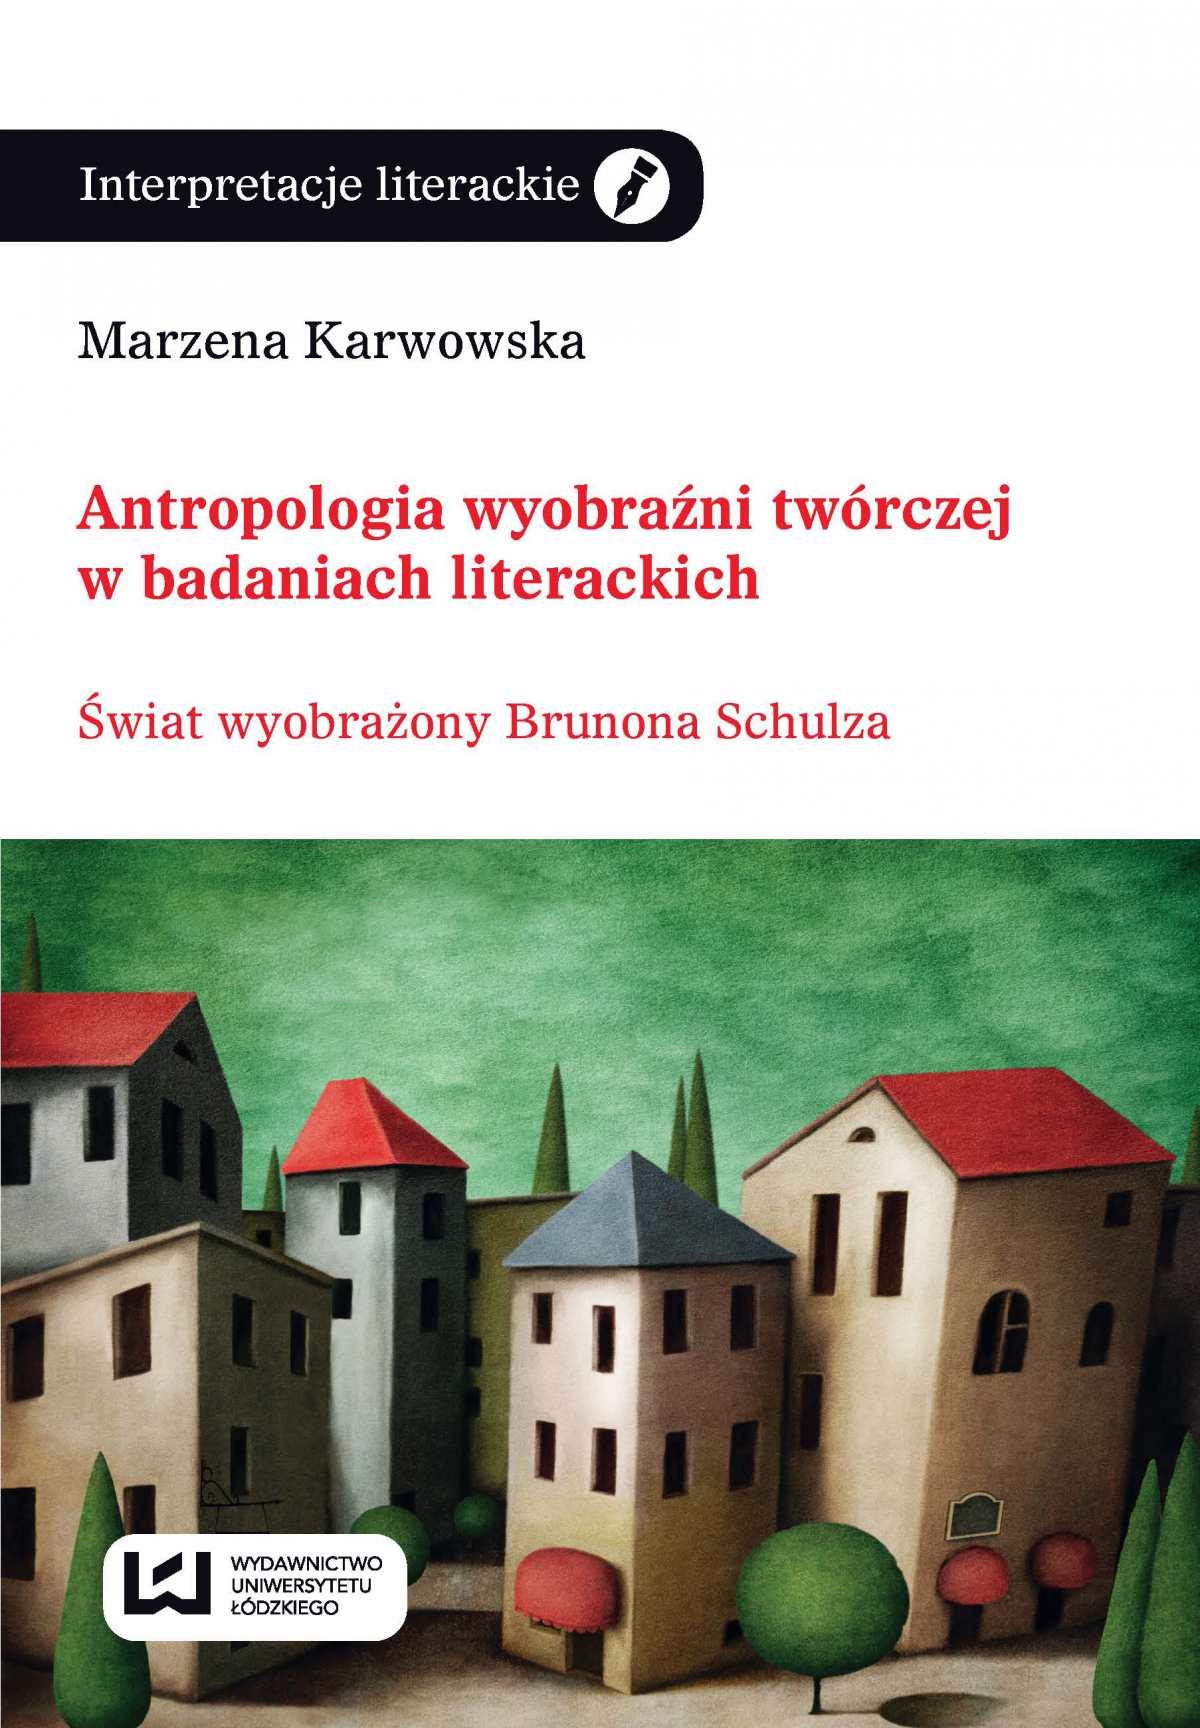 Antropologia wyobraźni twórczej w badaniach literackich. Świat wyobraźni Brunona Schulza - Ebook (Książka PDF) do pobrania w formacie PDF